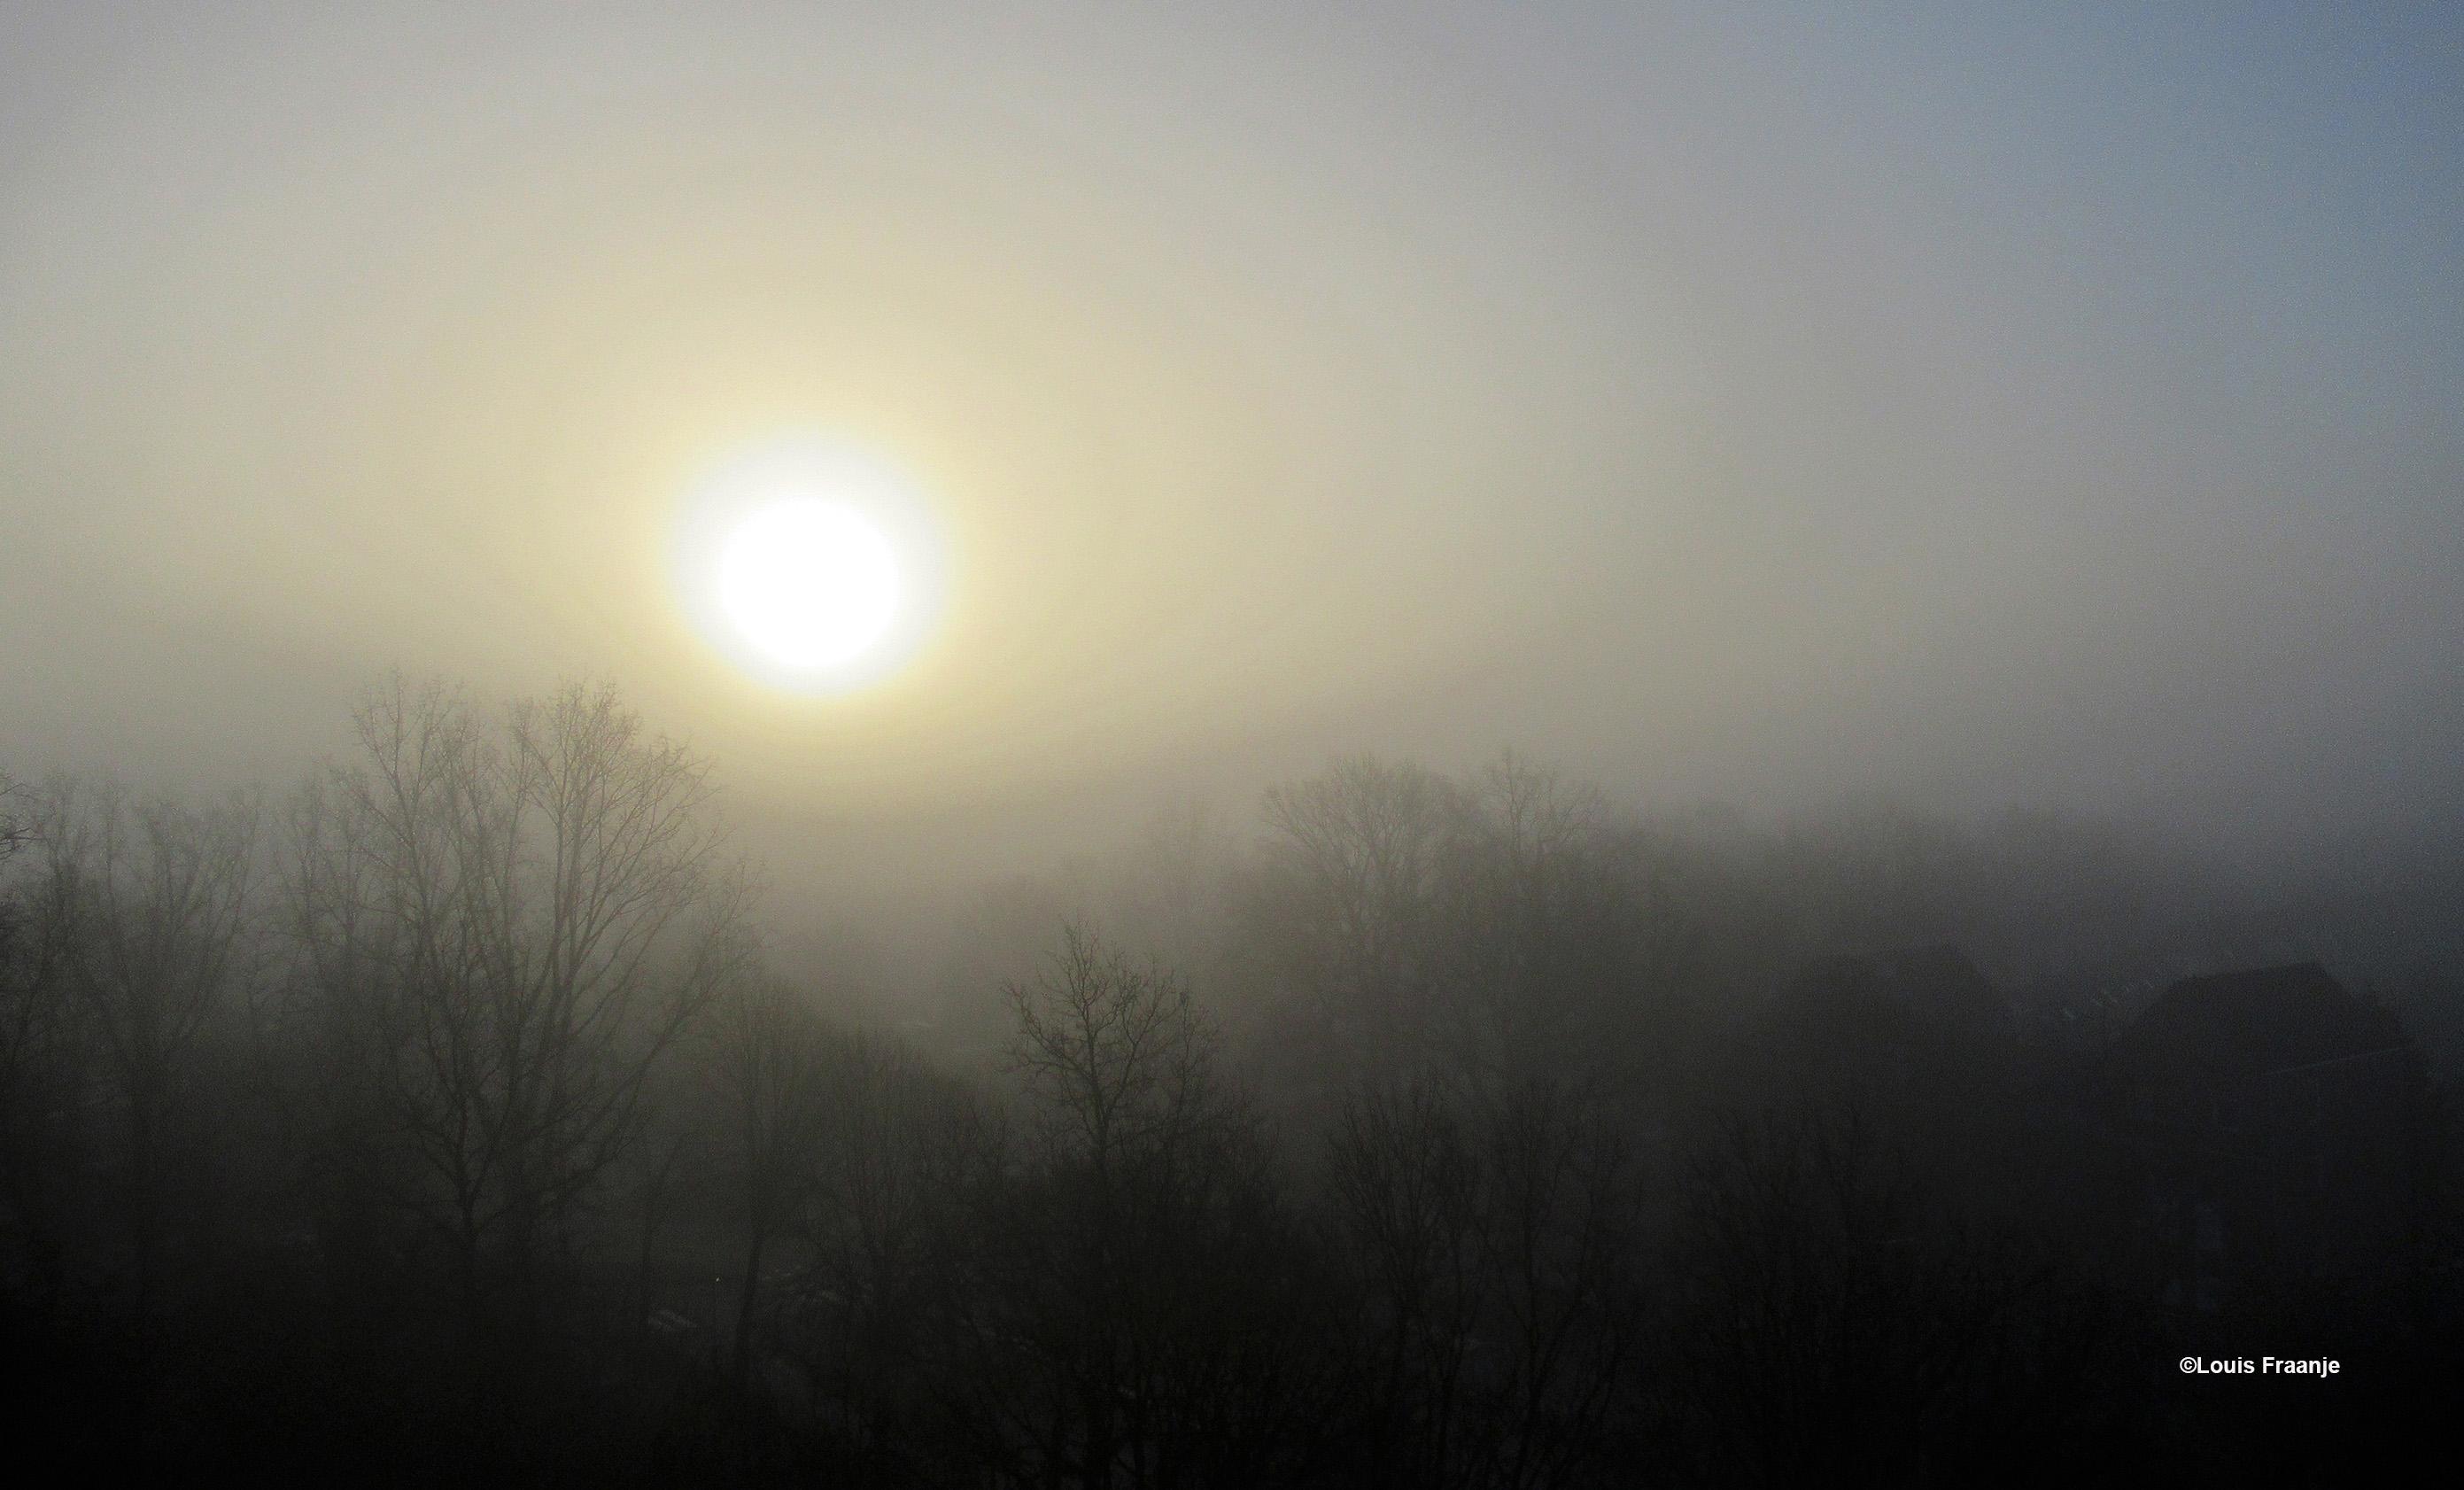 De zon probeert door de dichte mist heen te dringen, die in en boven de Veluwse bossen hangt - Foto: ©Louis Fraanje